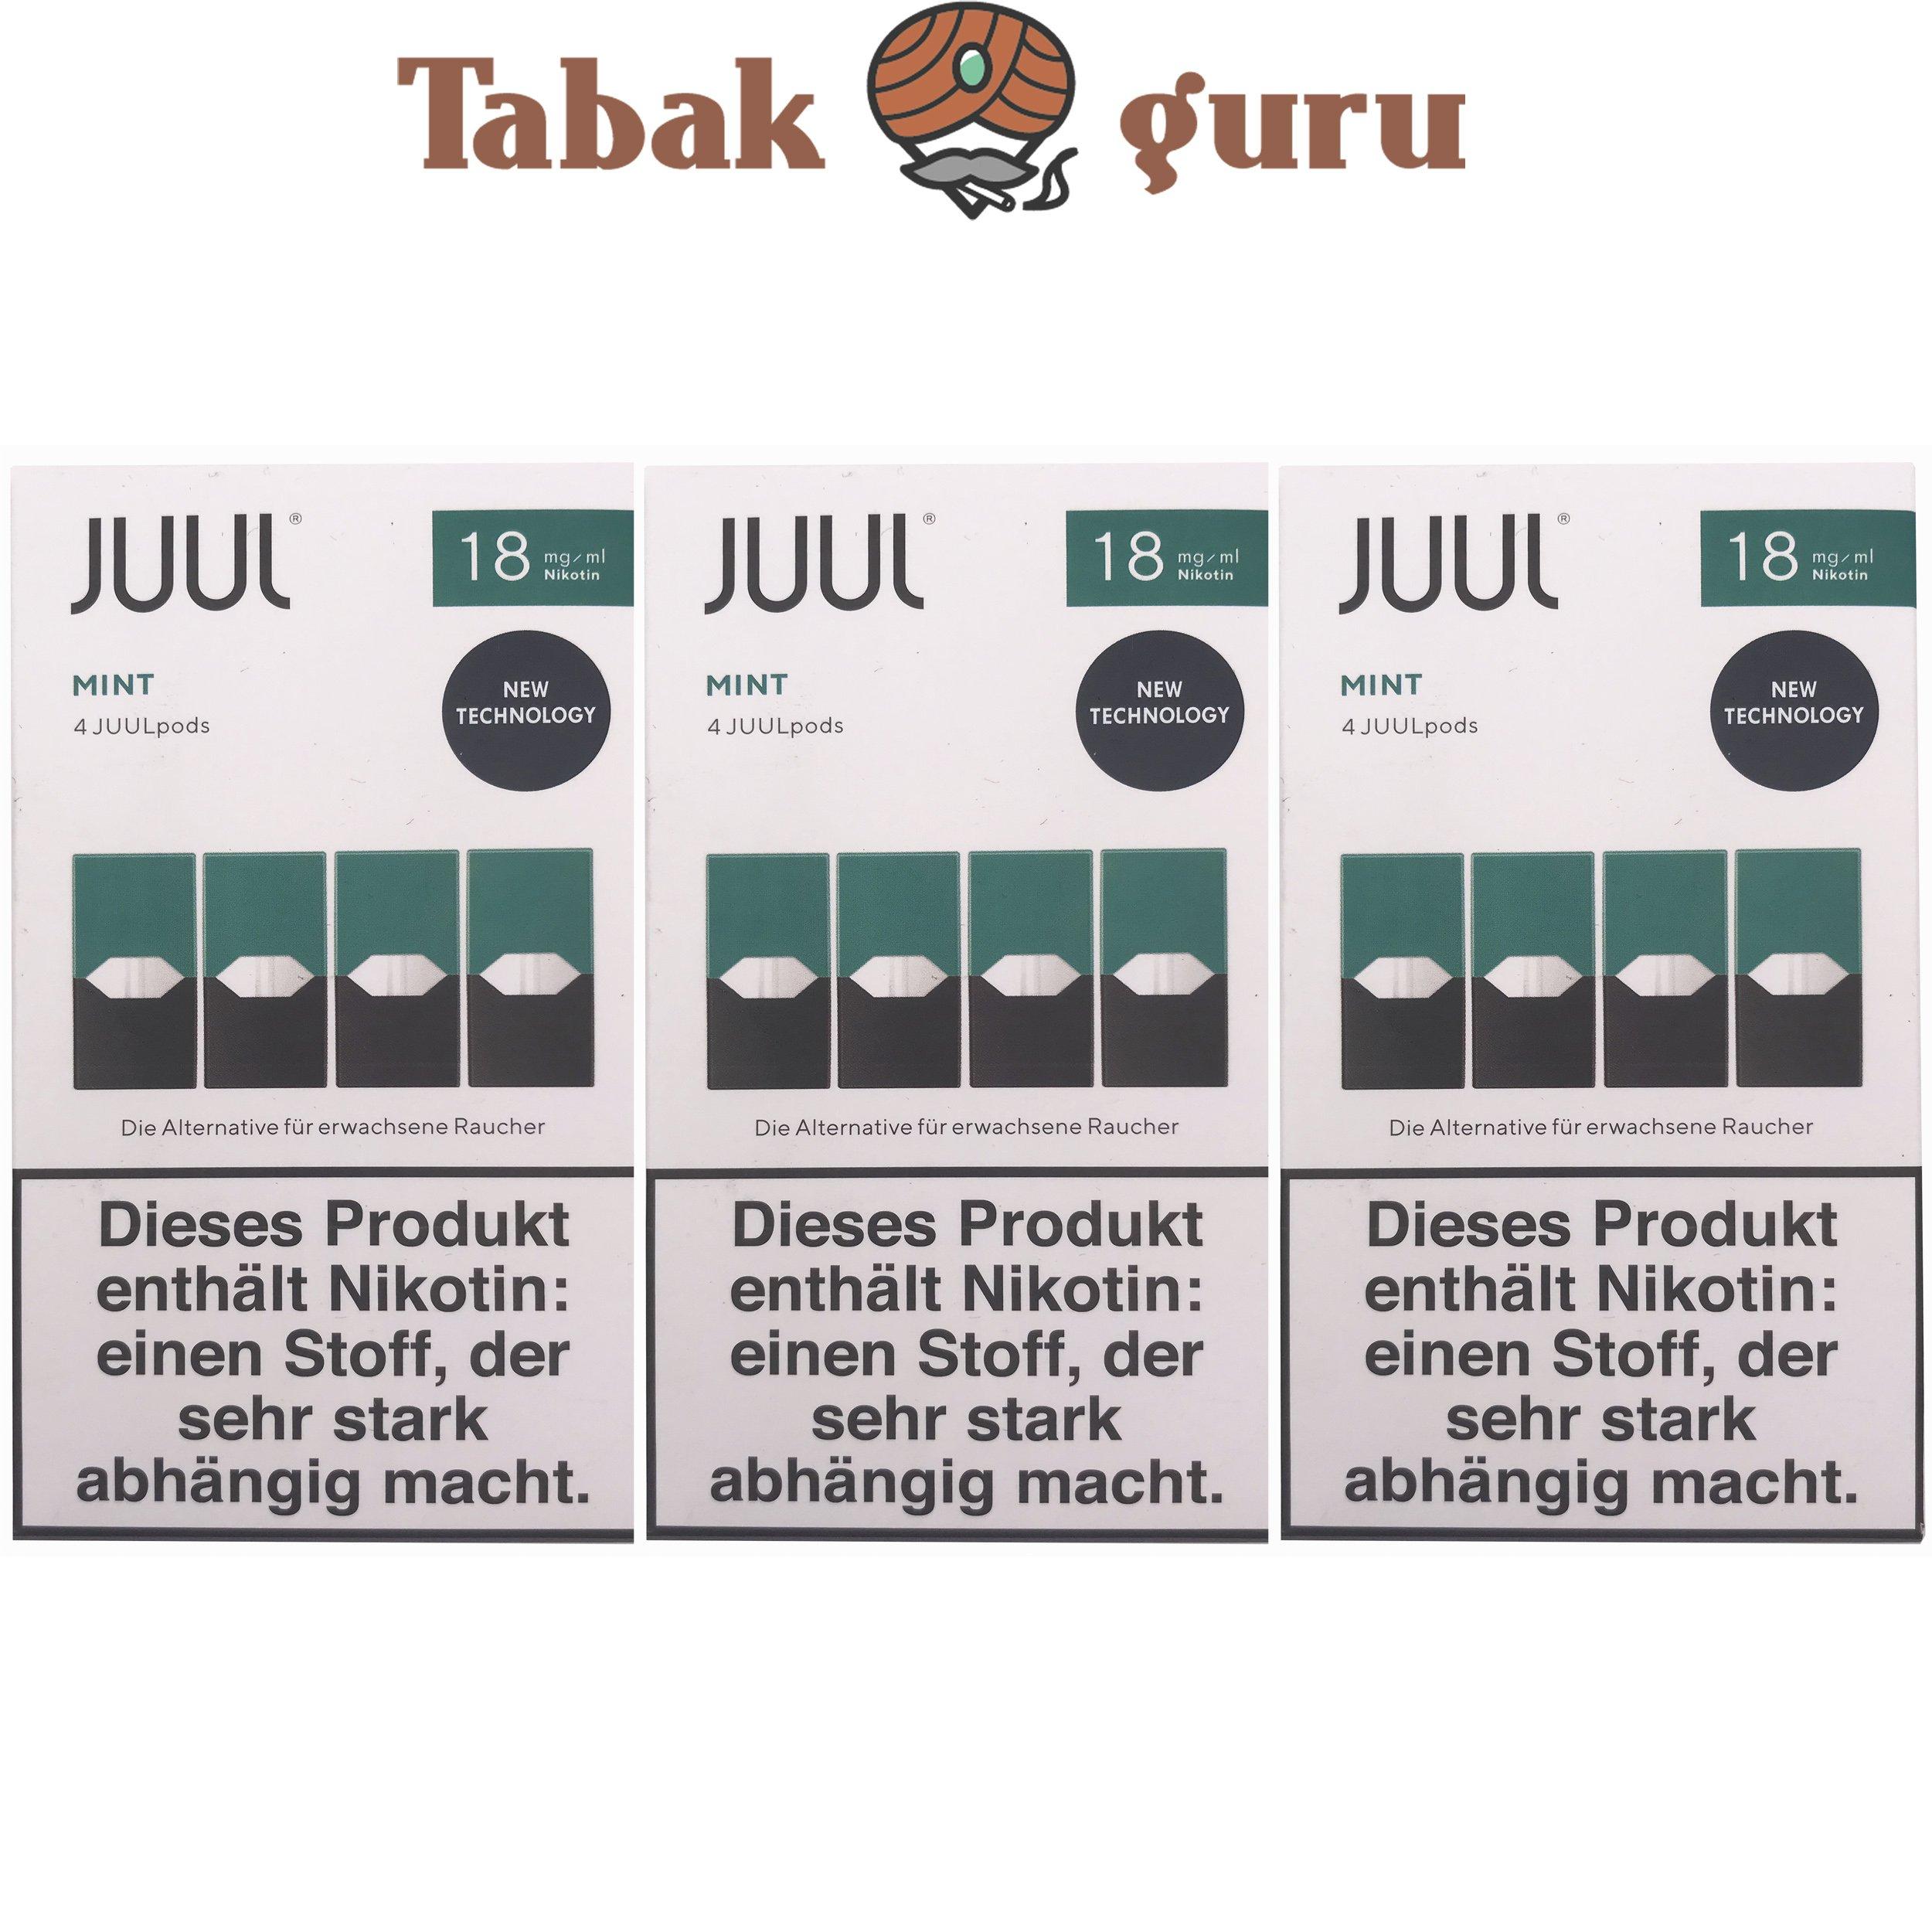 JUUL 3 Packungen Mint Pods 18mg/ml á 4 Pods